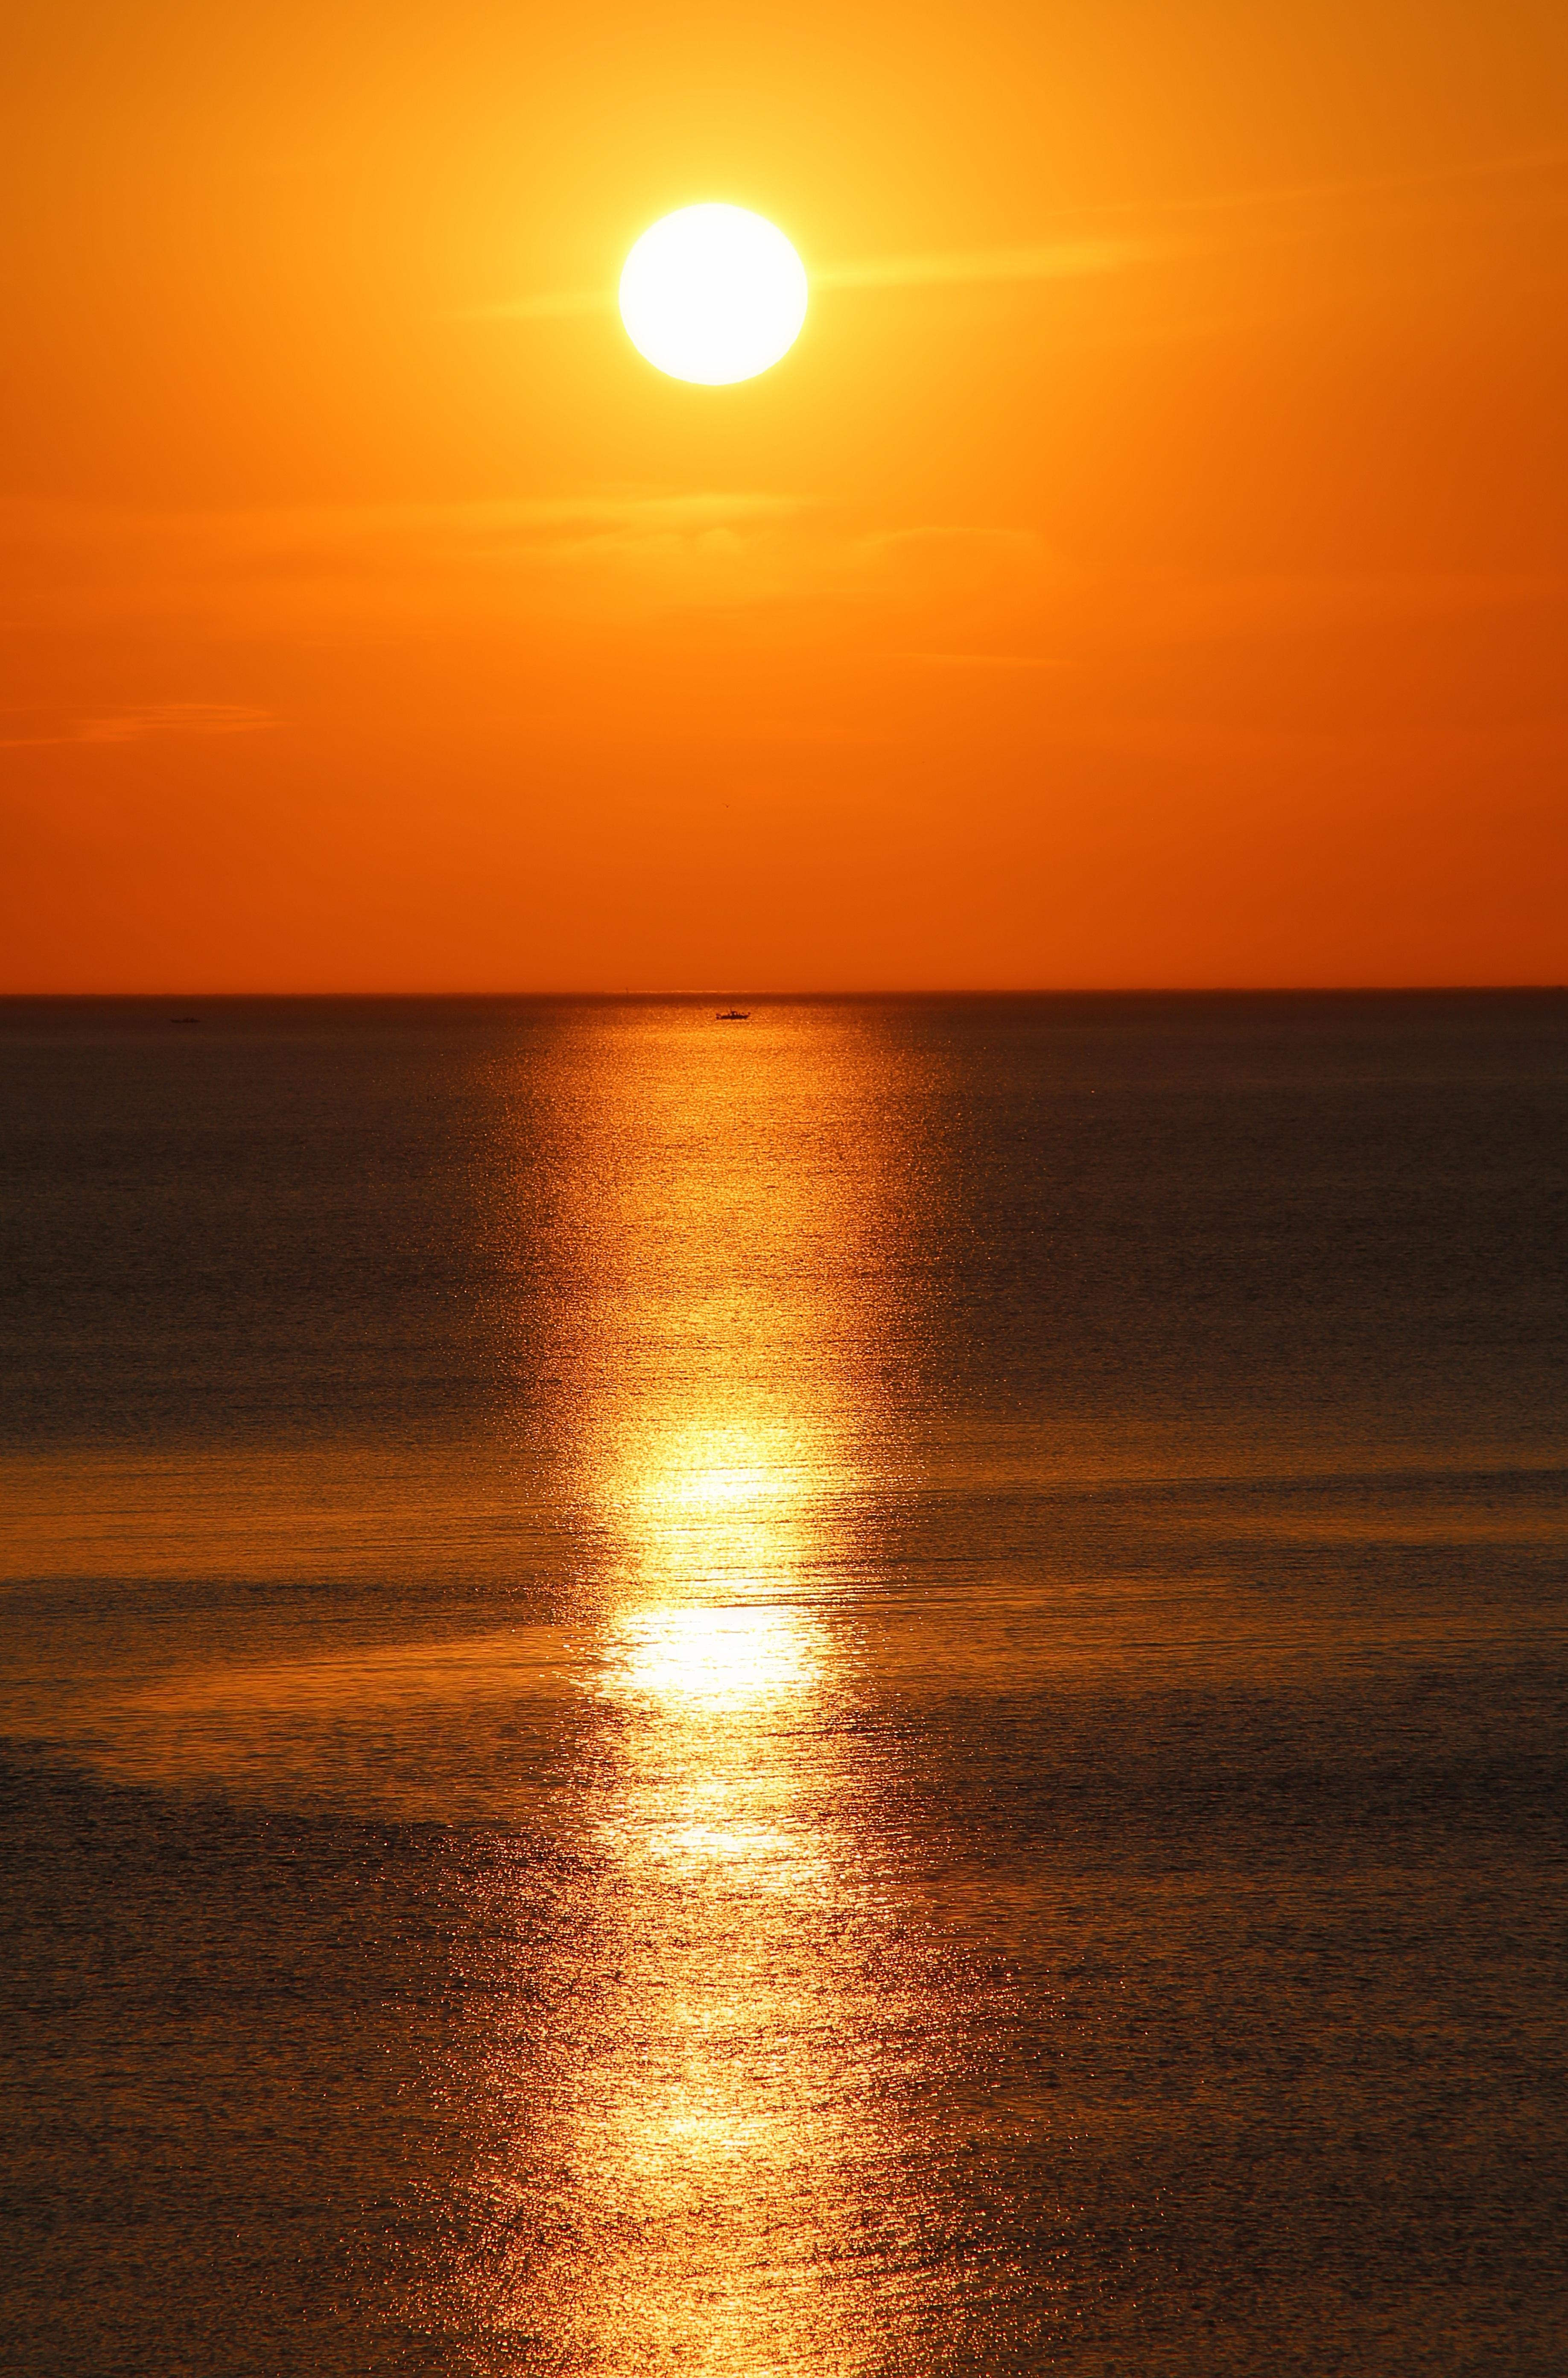 image de soleil gratuite eo68